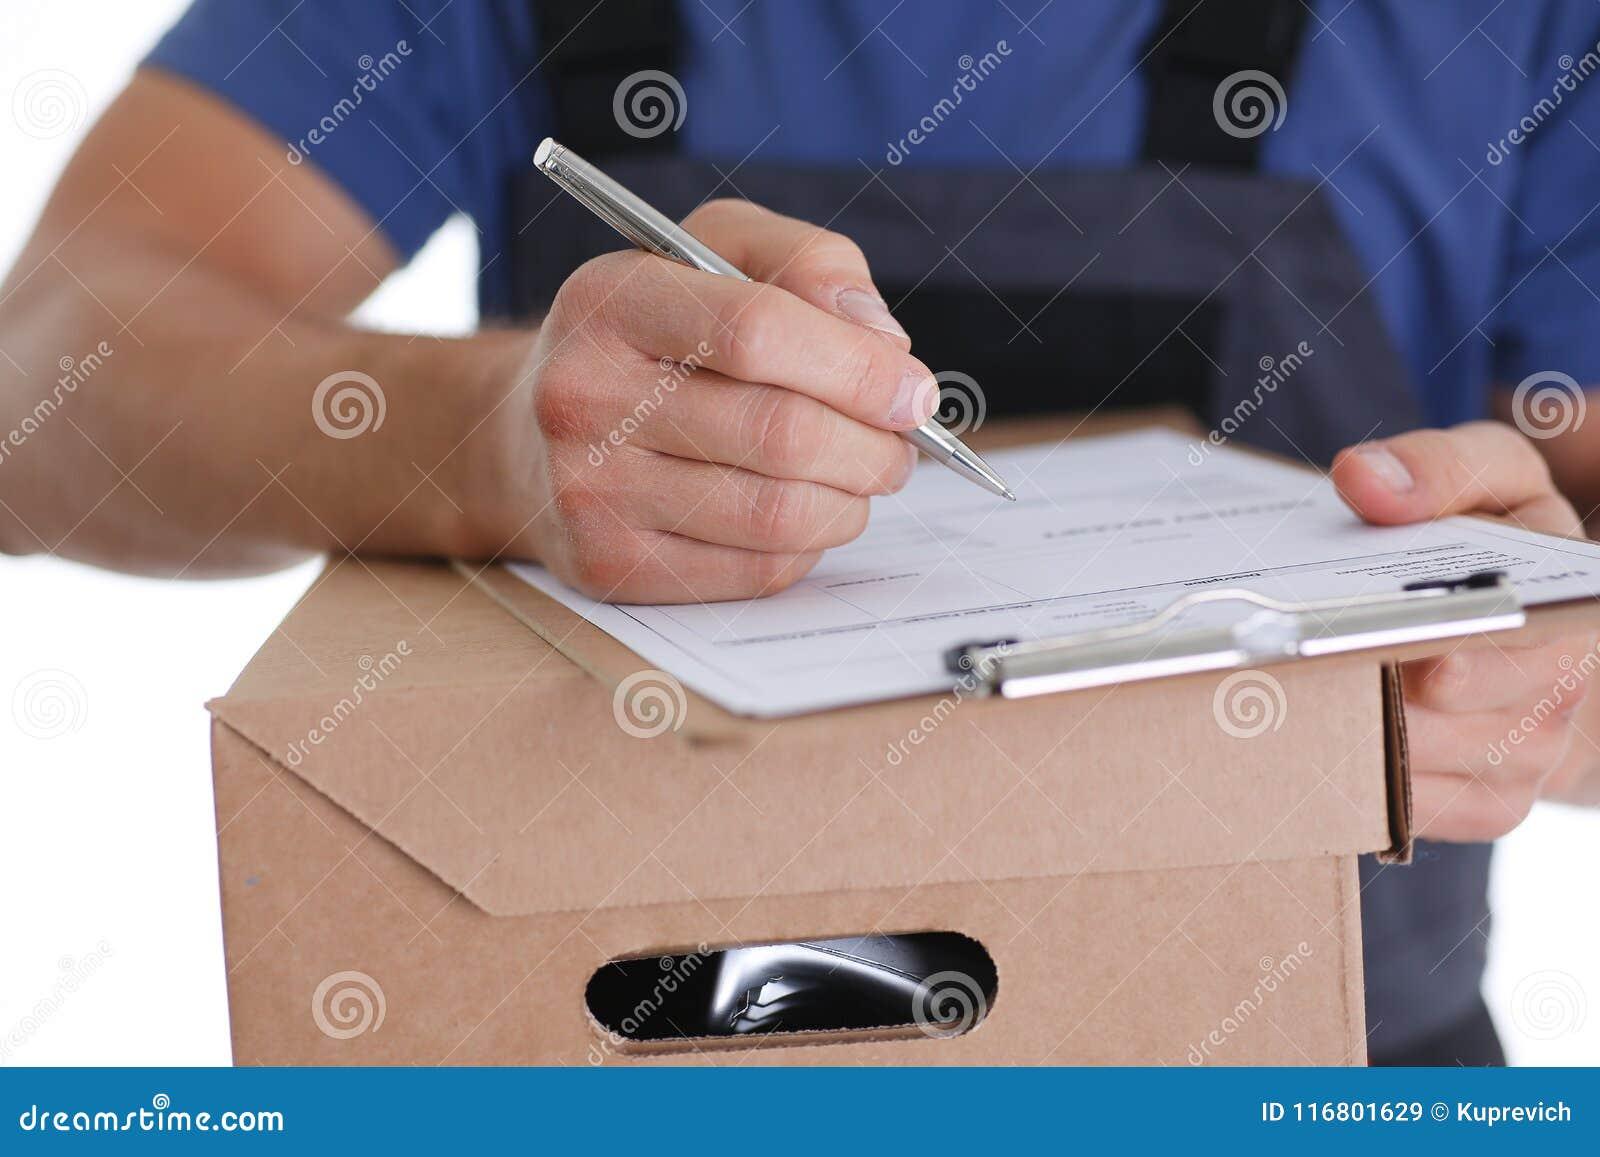 Offerte di servizio di distribuzione del corriere dello specialista